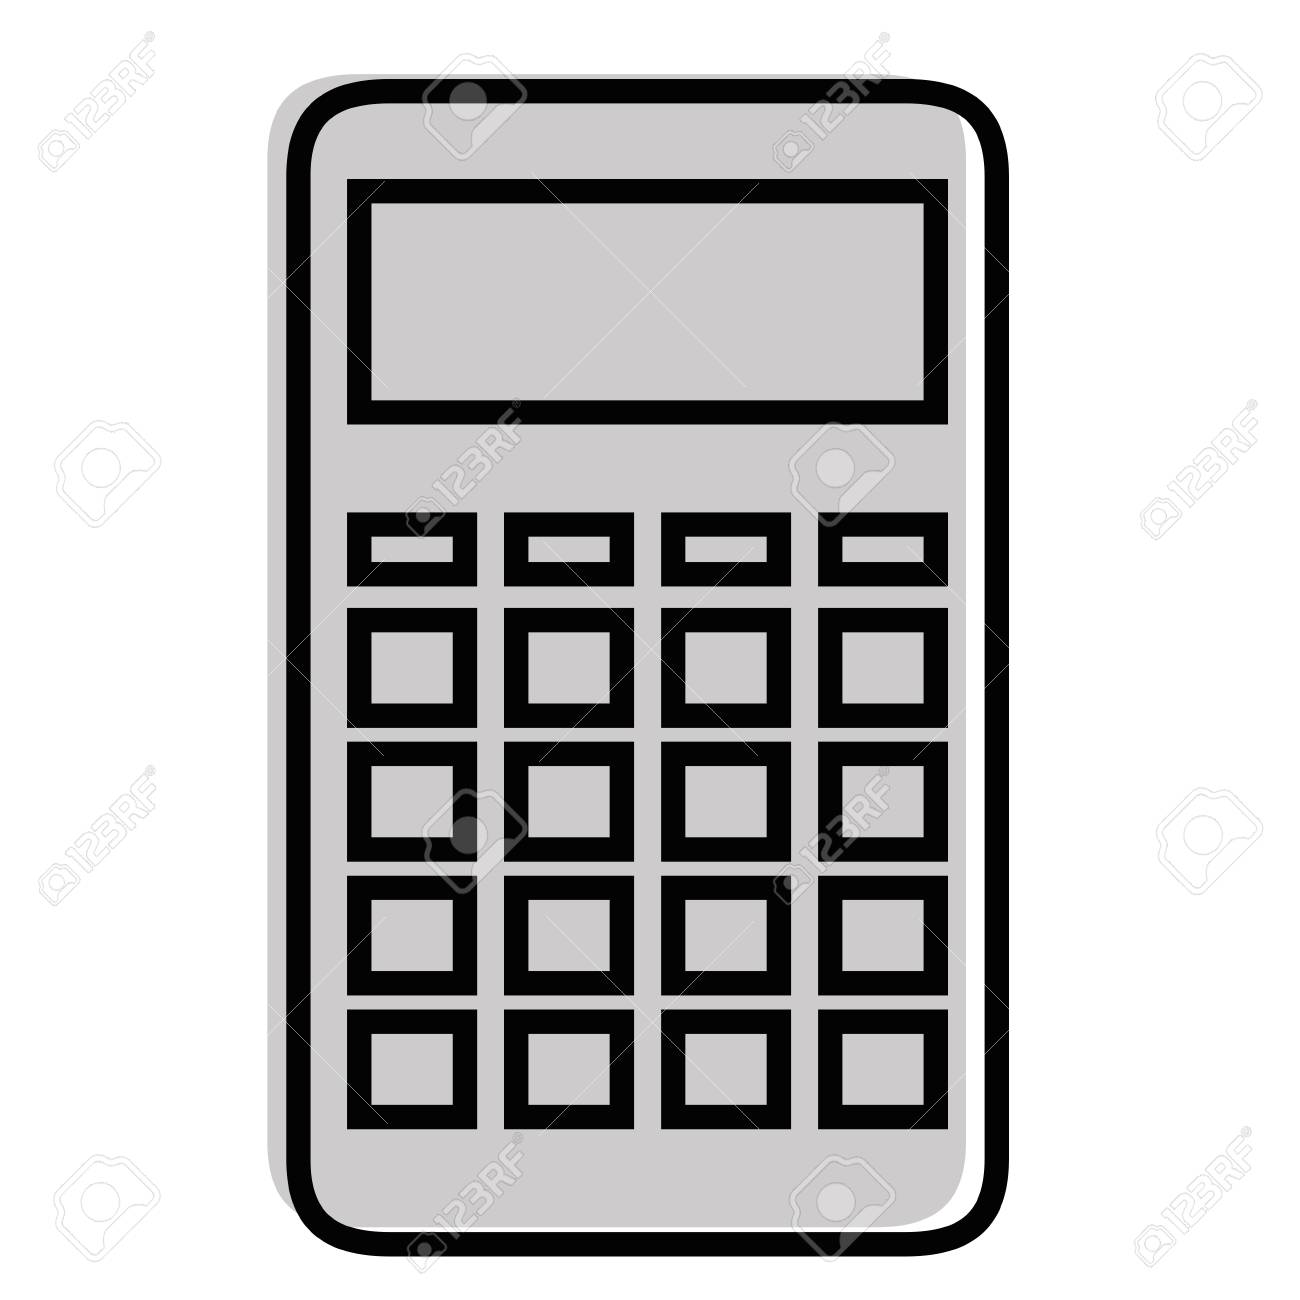 Calculator device icon illustration